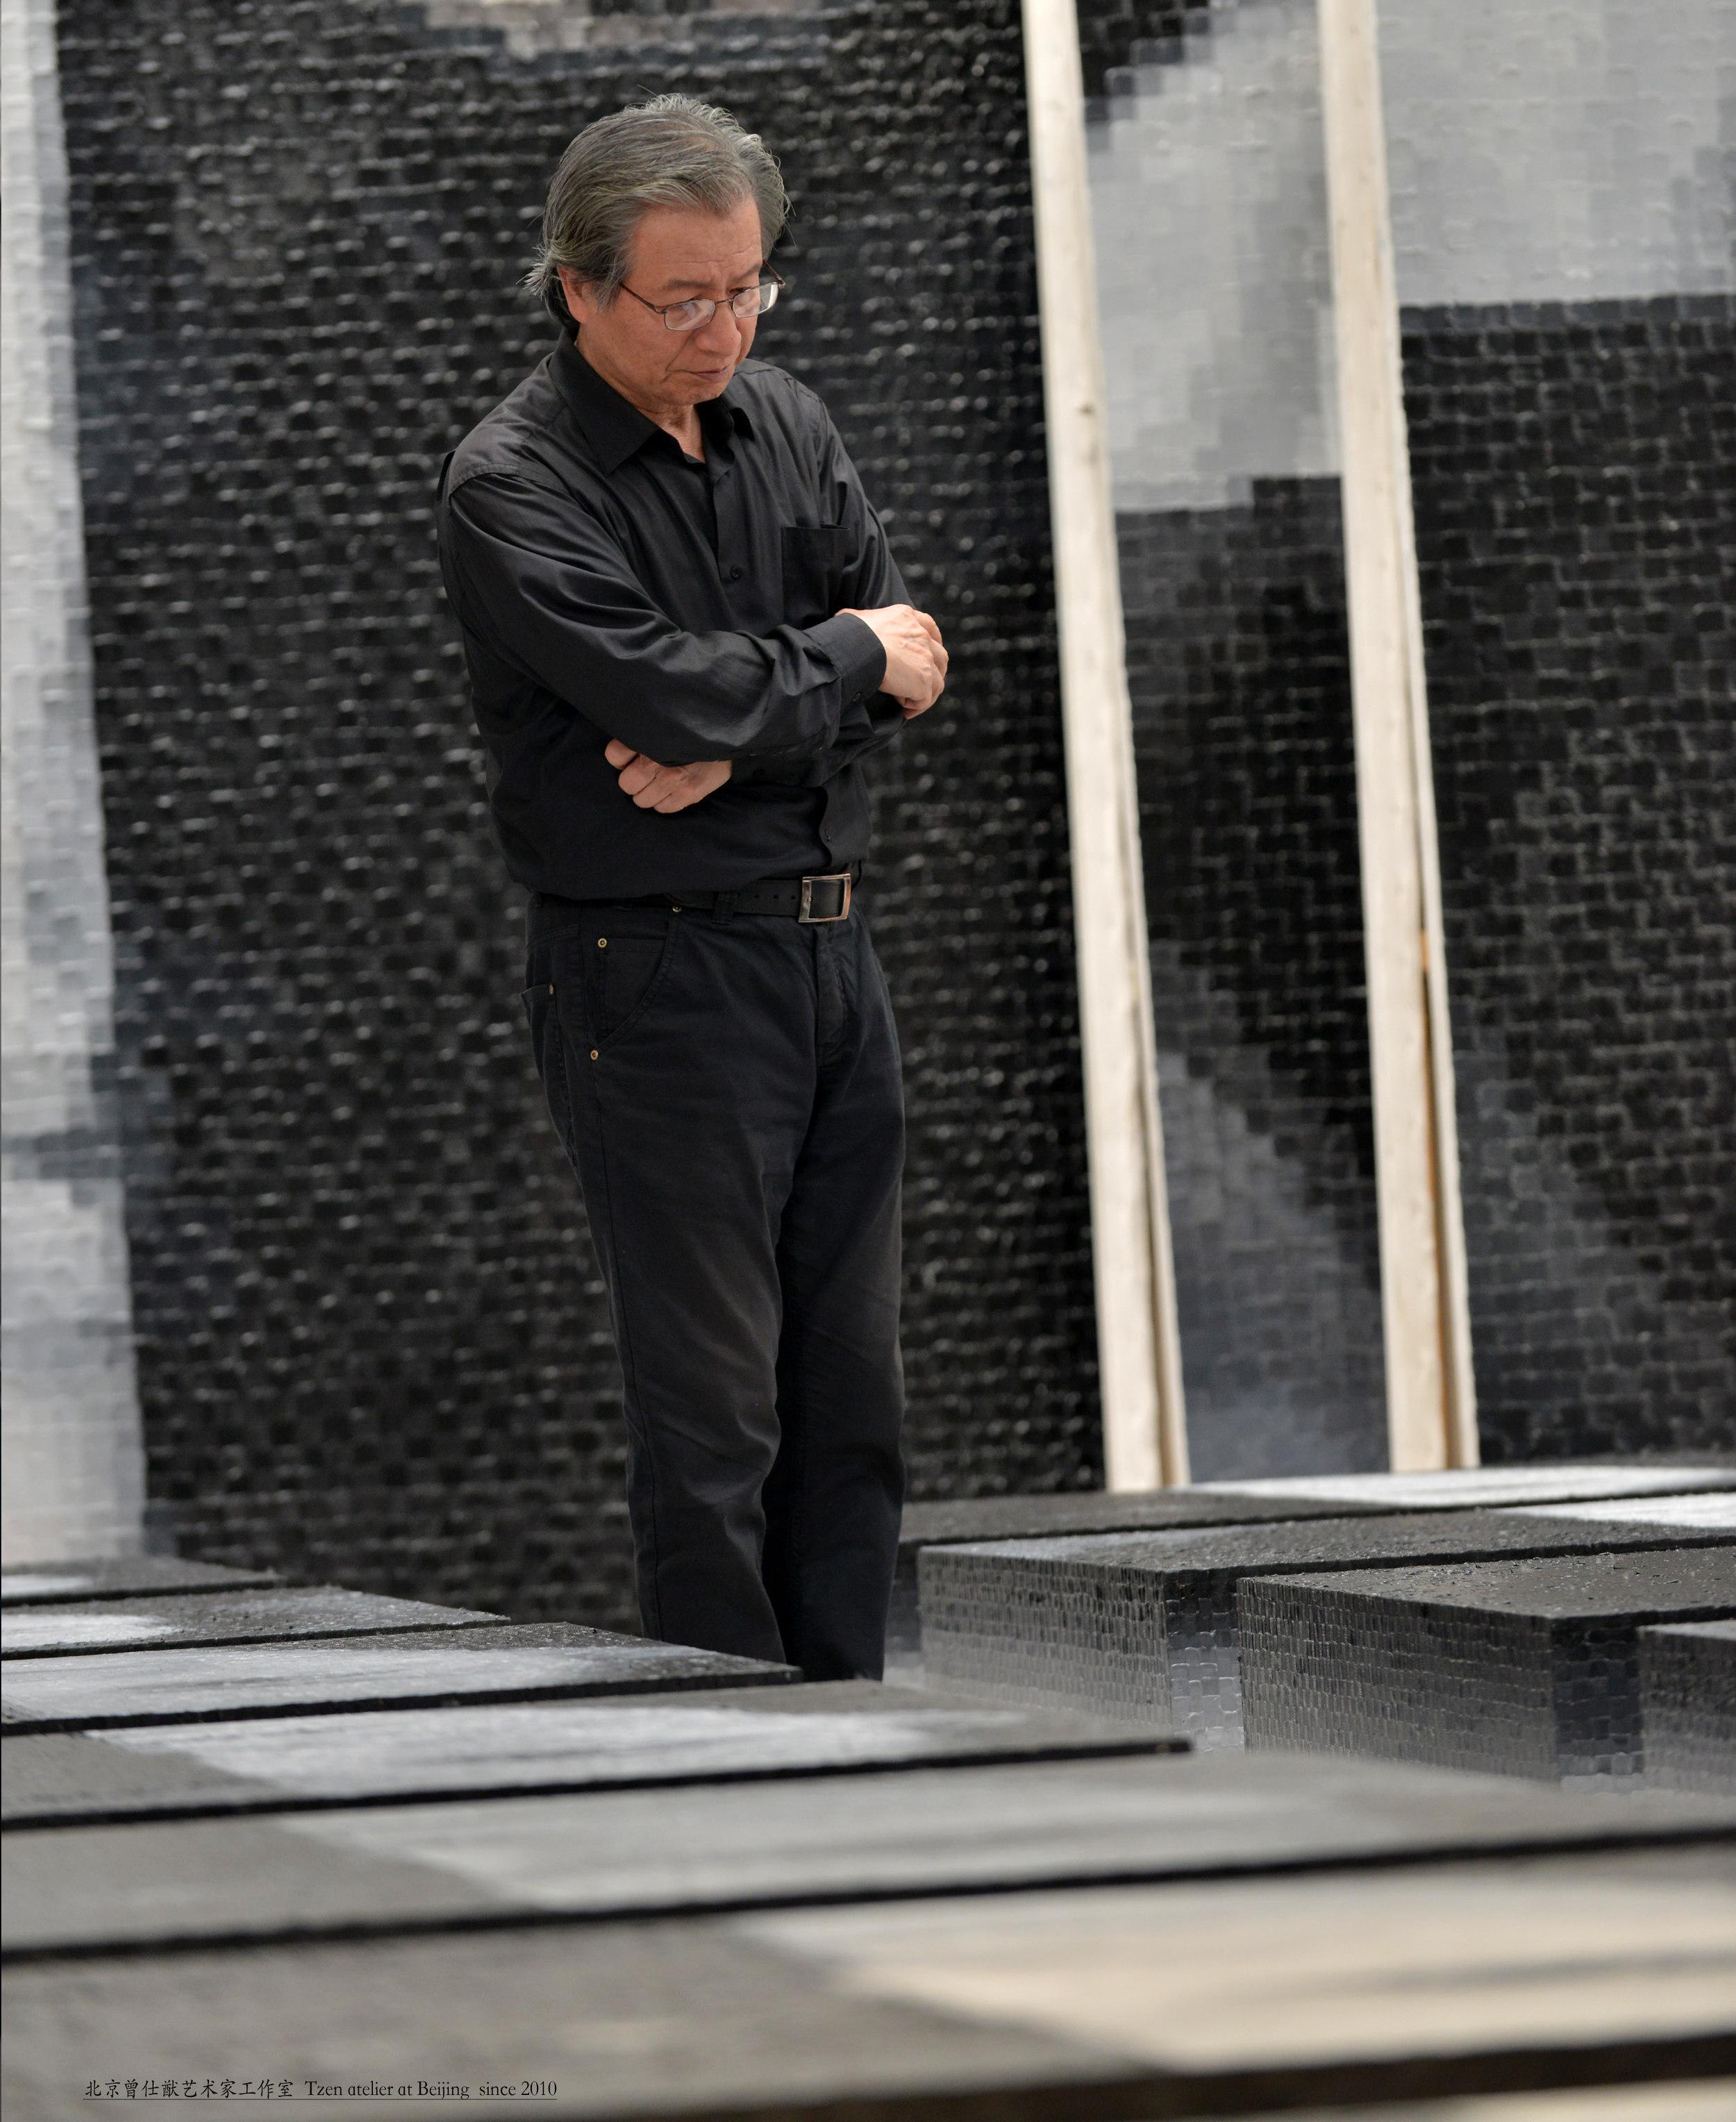 Beijing Studio, 2008